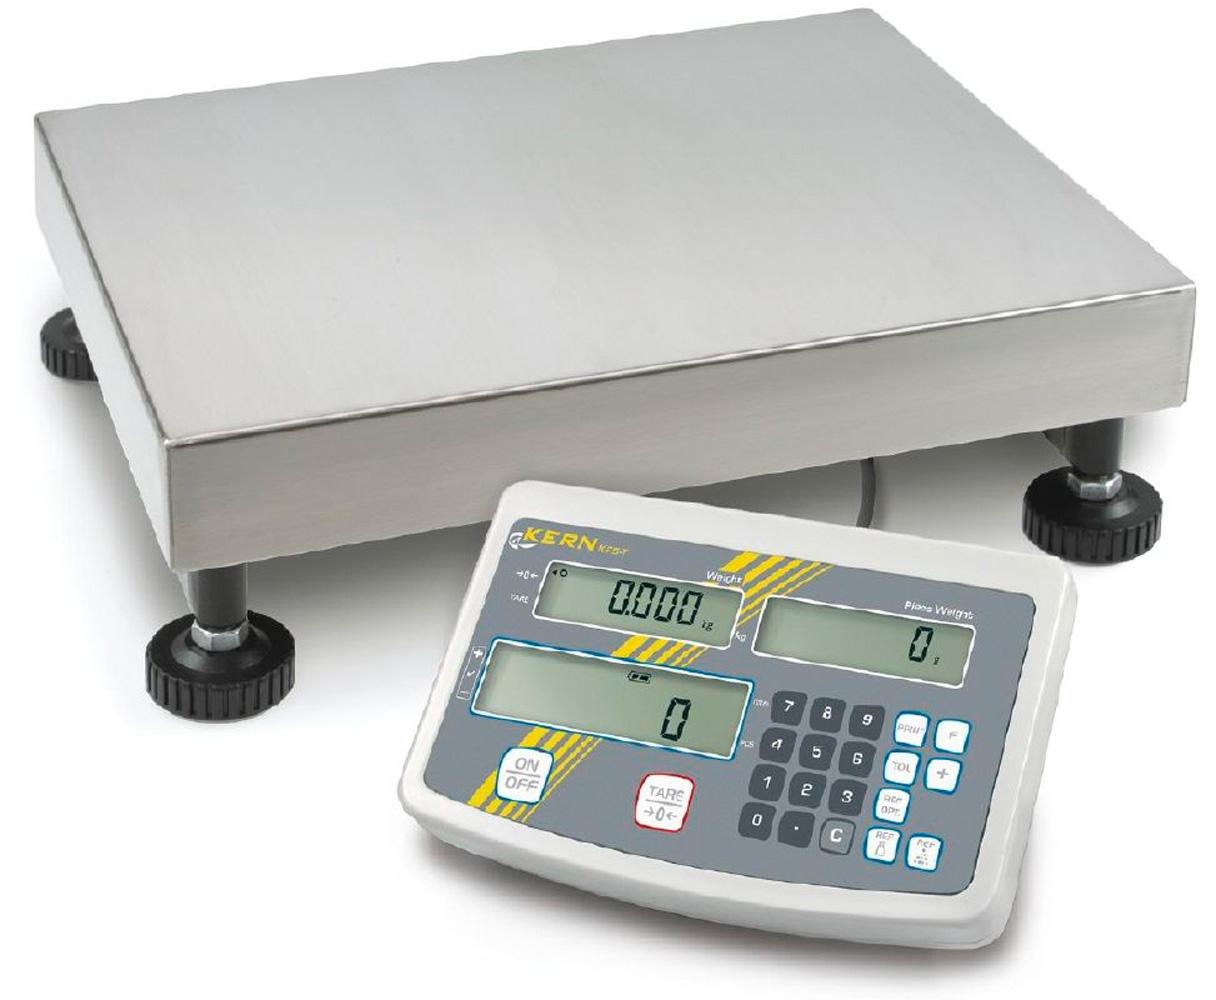 Industriezählwaage mit komfortabler Zehnertastatur zur bequemen Dateneingabe, Zählauflösung 75000 Punkte